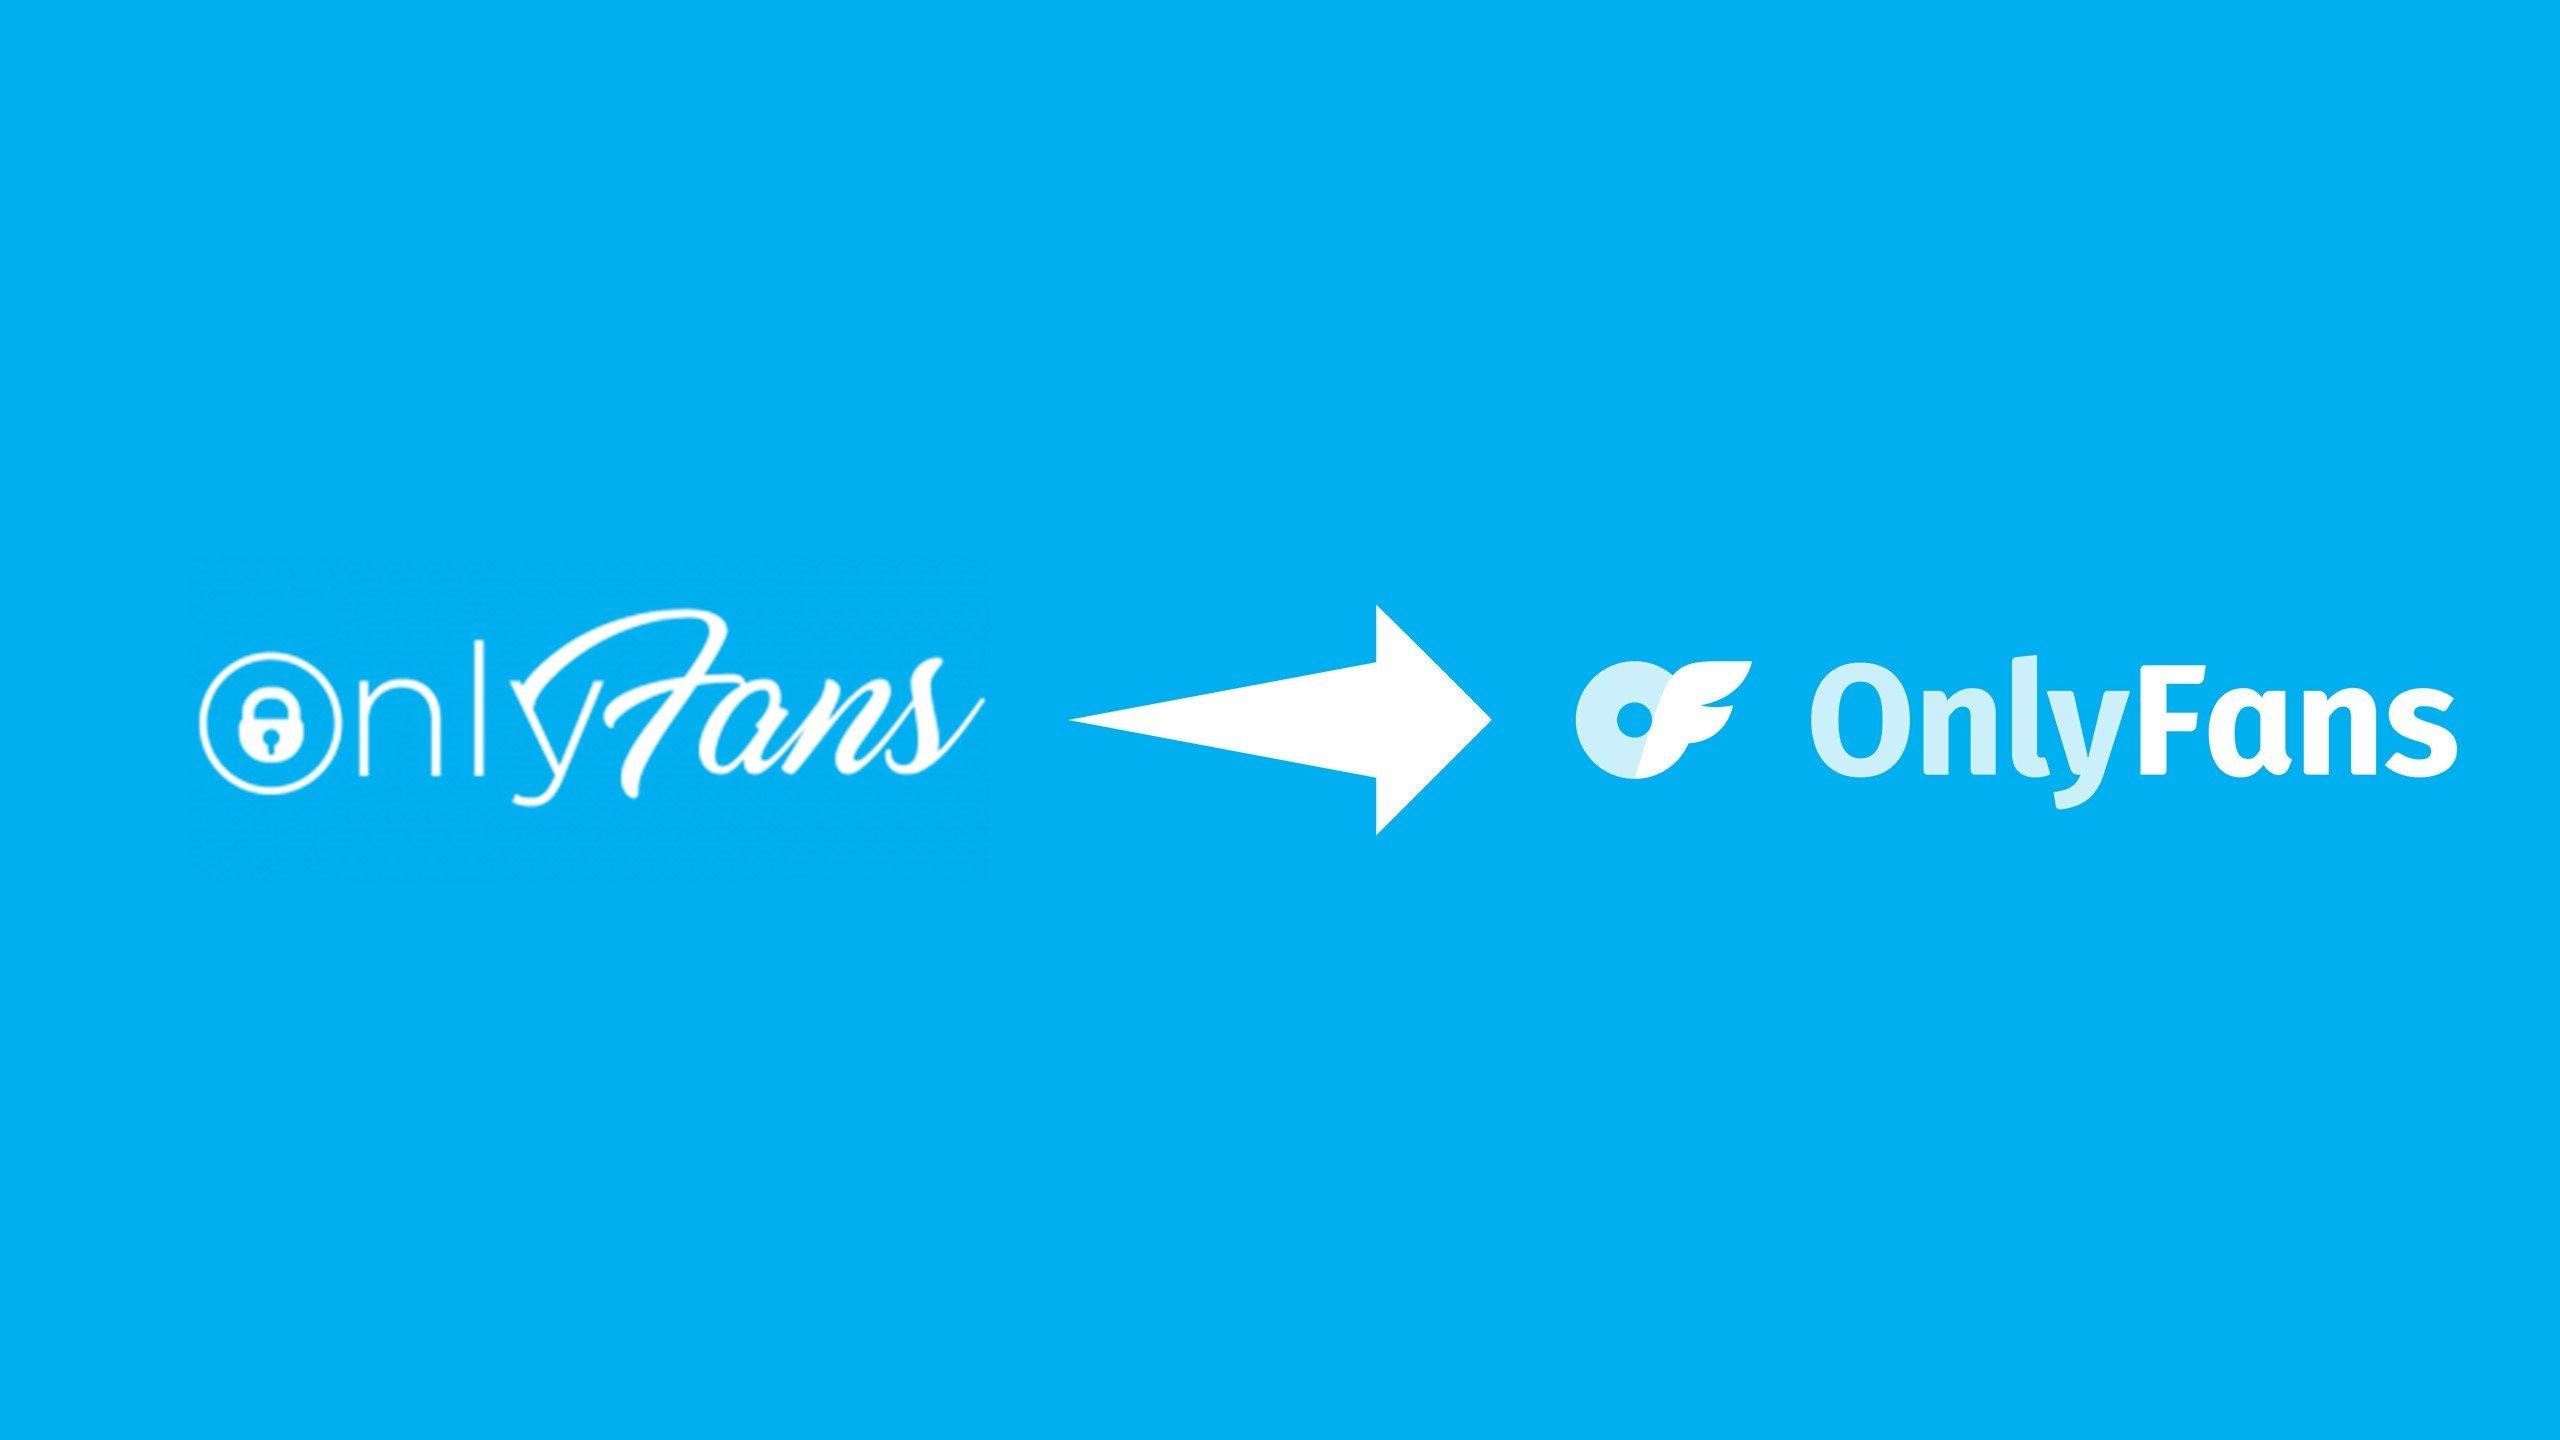 onlyfans-full-transformation